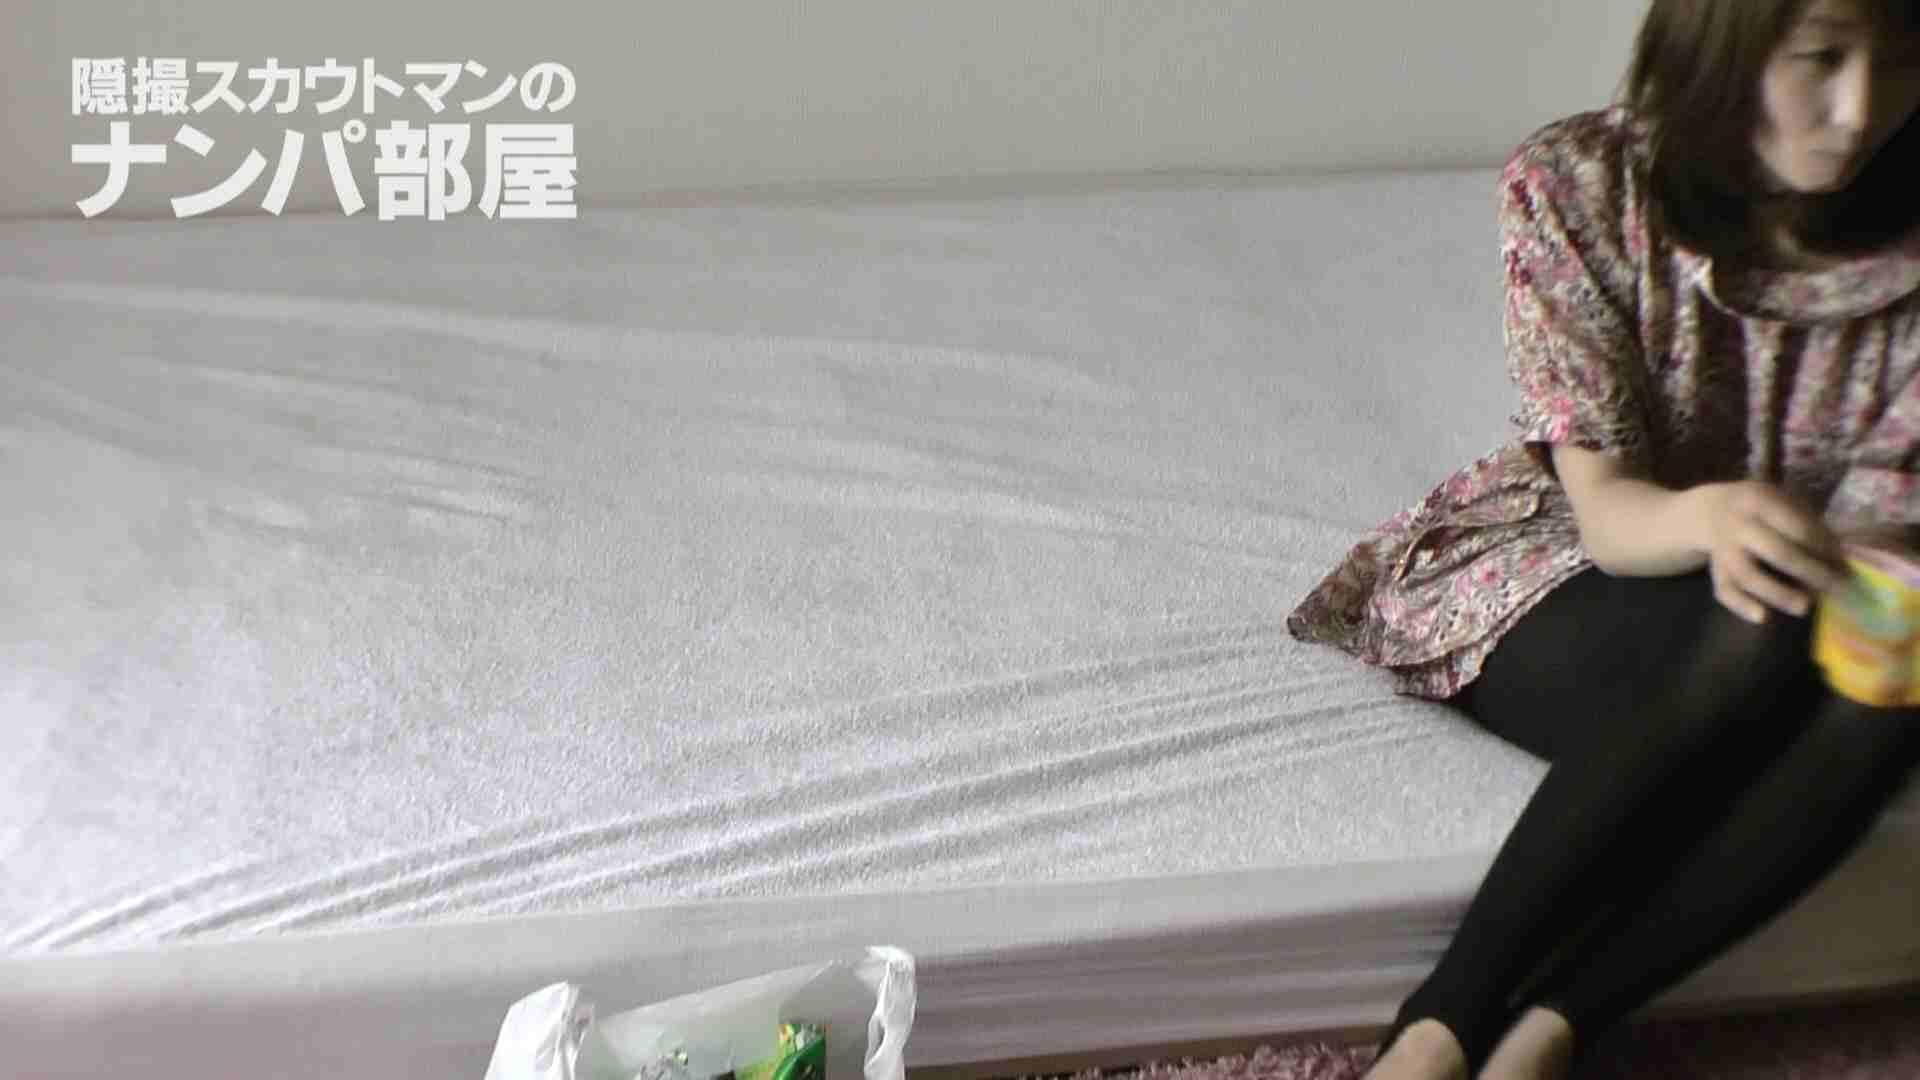 隠撮スカウトマンのナンパ部屋~風俗デビュー前のつまみ食い~ sii 隠撮  84連発 4